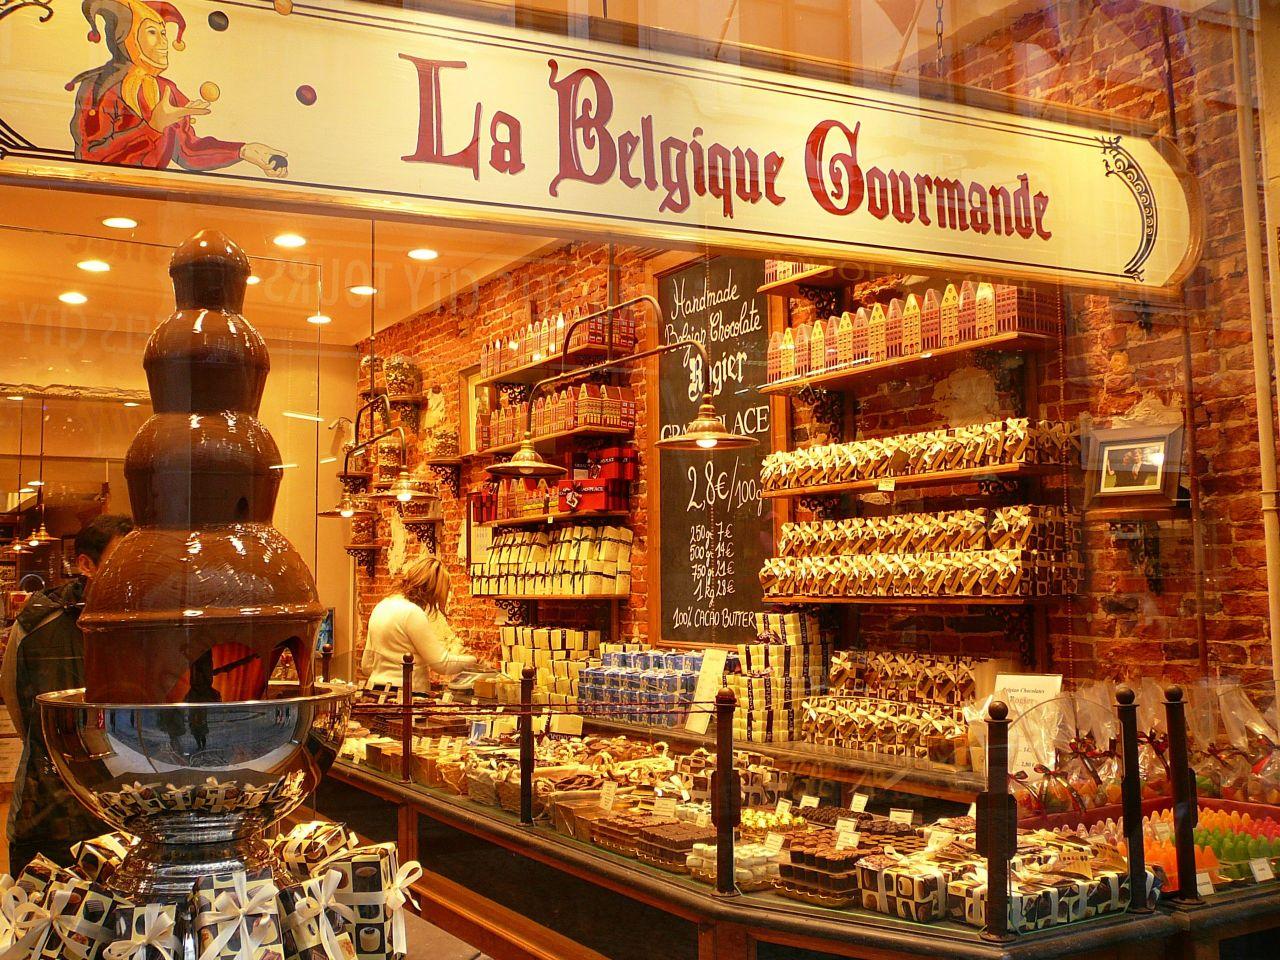 belgium-chocolat